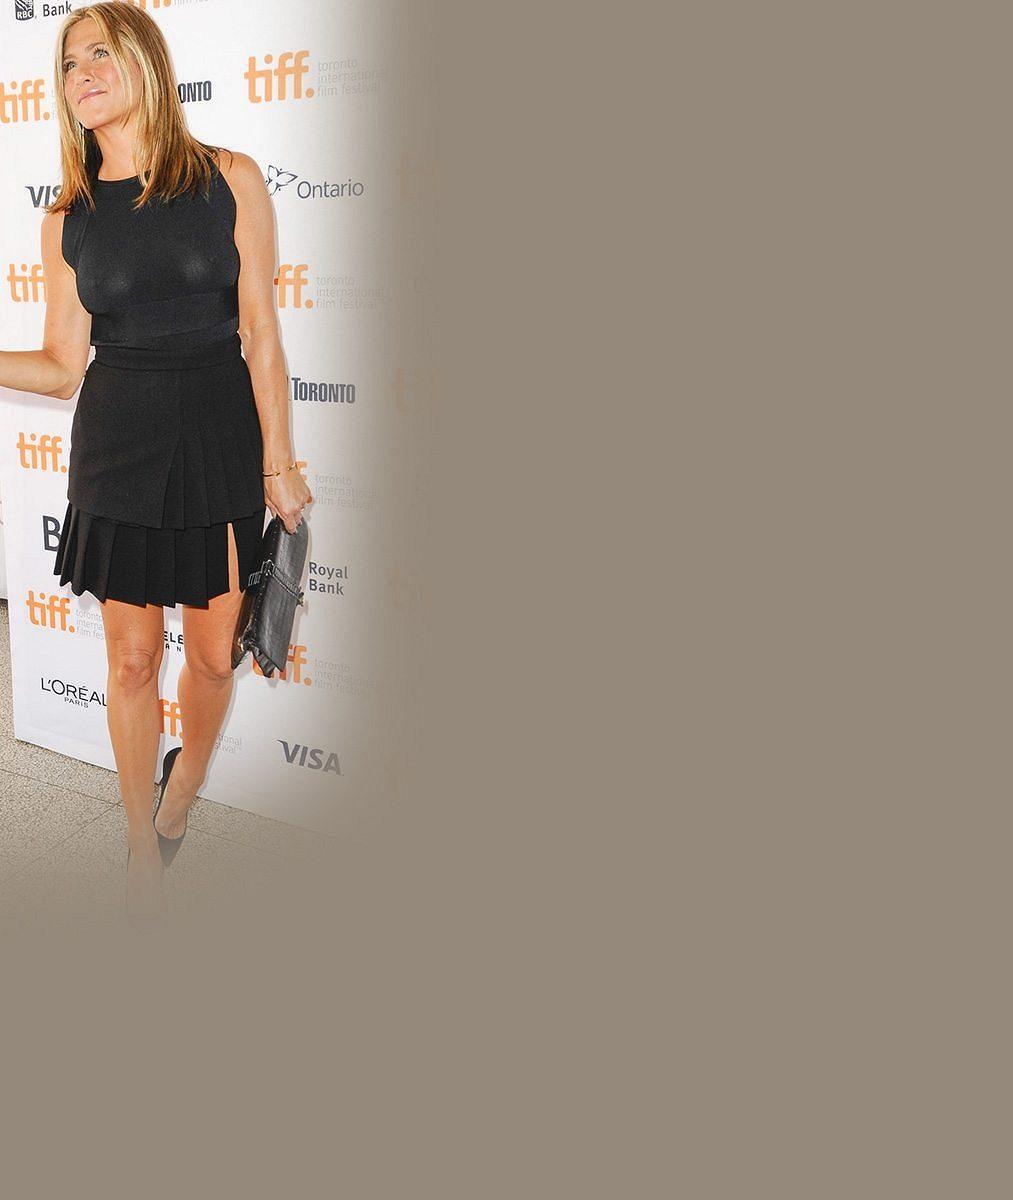 Jennifer Aniston hodně názorně předvedla, že se jí gravitace netýká ani po čtyřicítce